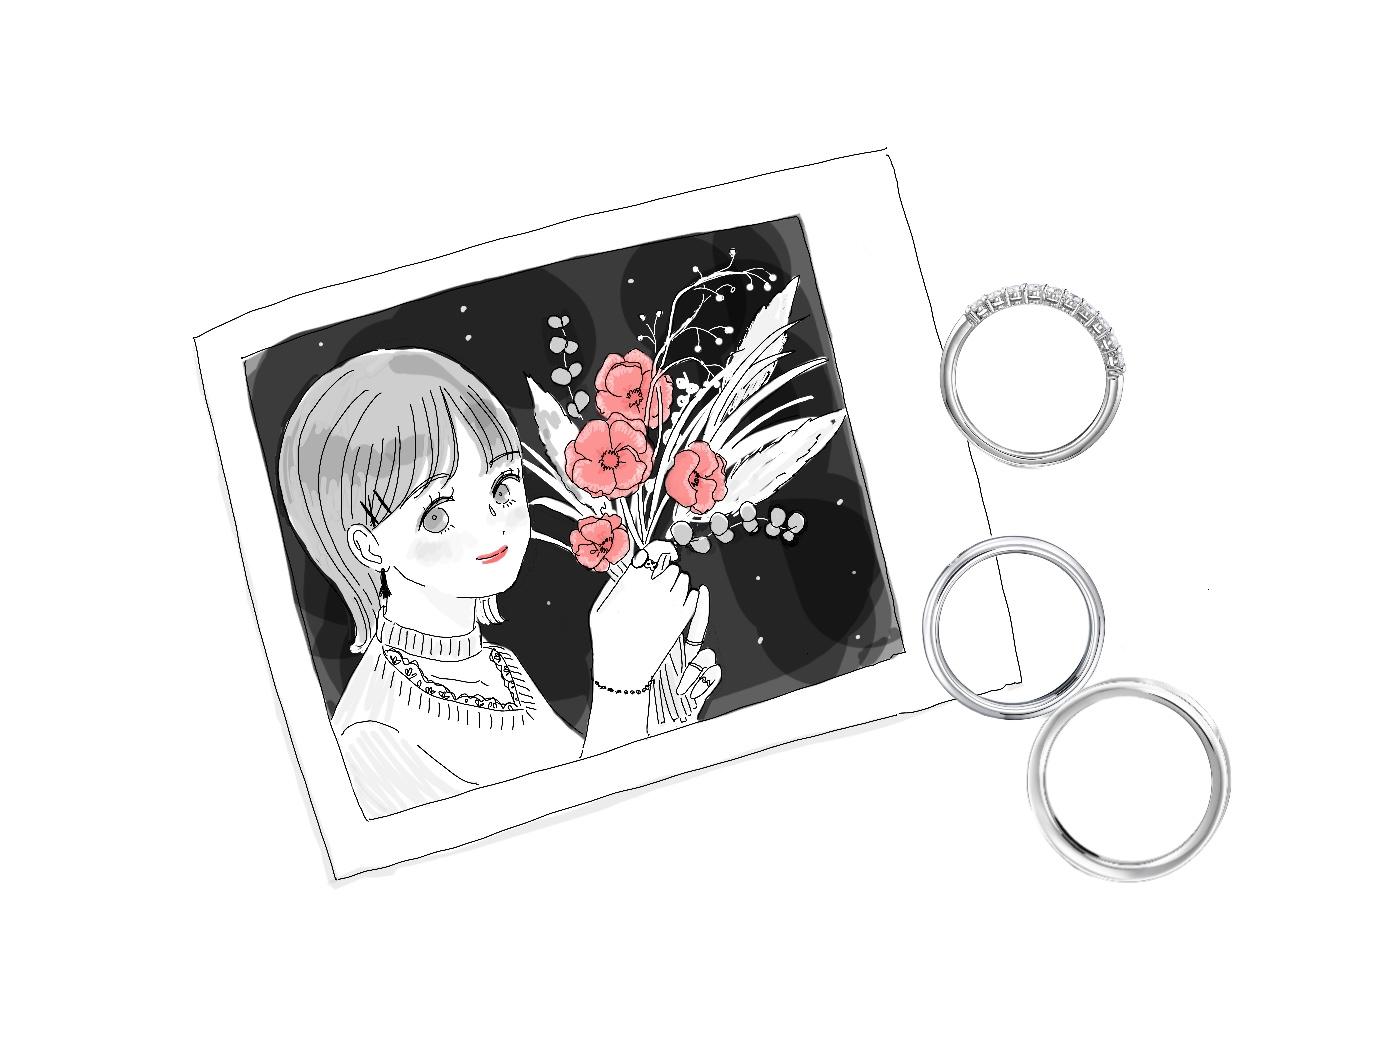 女の子の写真とエタニティリングと結婚指輪のイラスト 本文